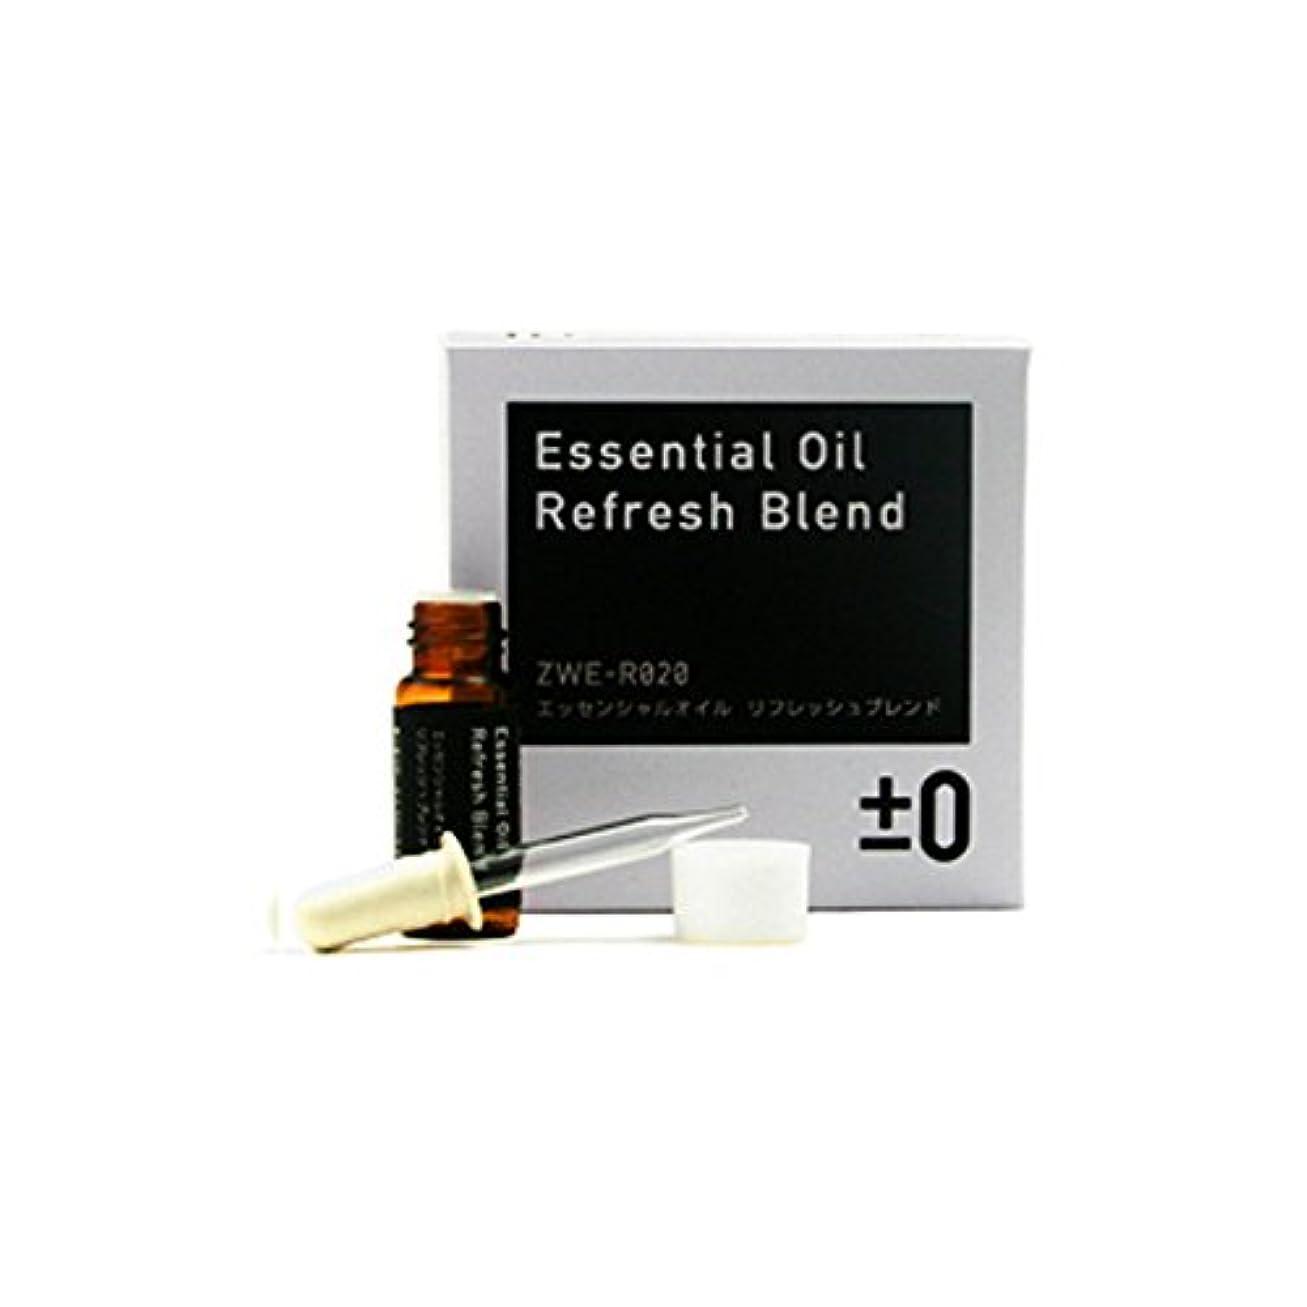 受け入れいくつかの学期プラスマイナスゼロ ±0 エッセンシャルオイル(リフレッシュブレンド)Essential Oil Refresh Blend